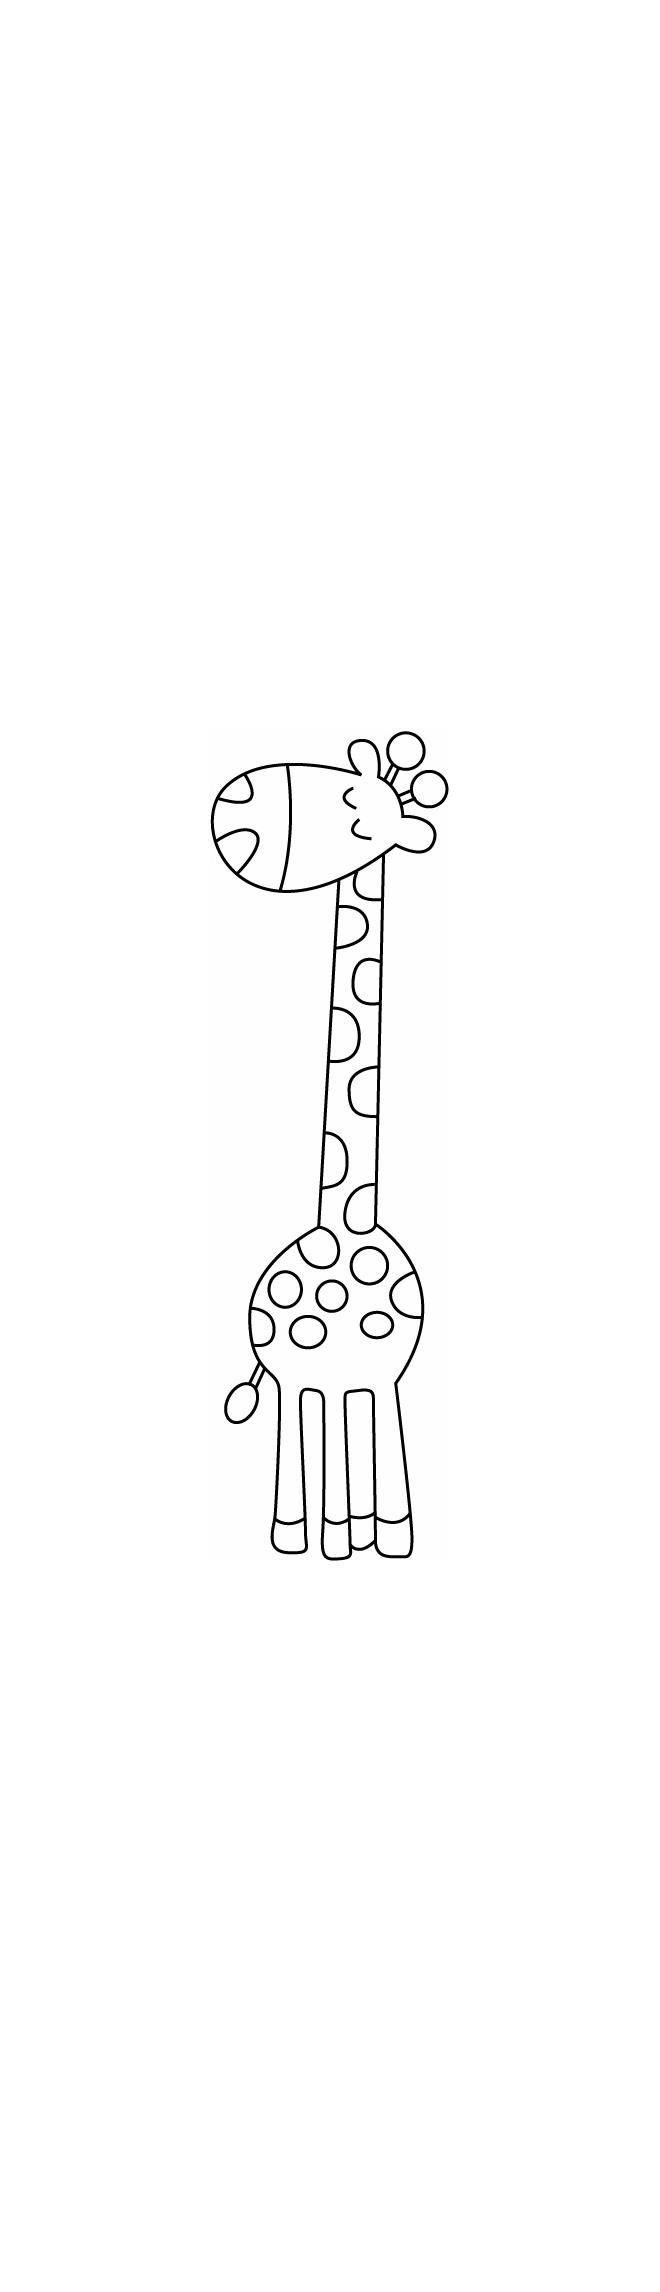 113 best girafe images on Pinterest | Giraffen, Giraffenkunst und ...